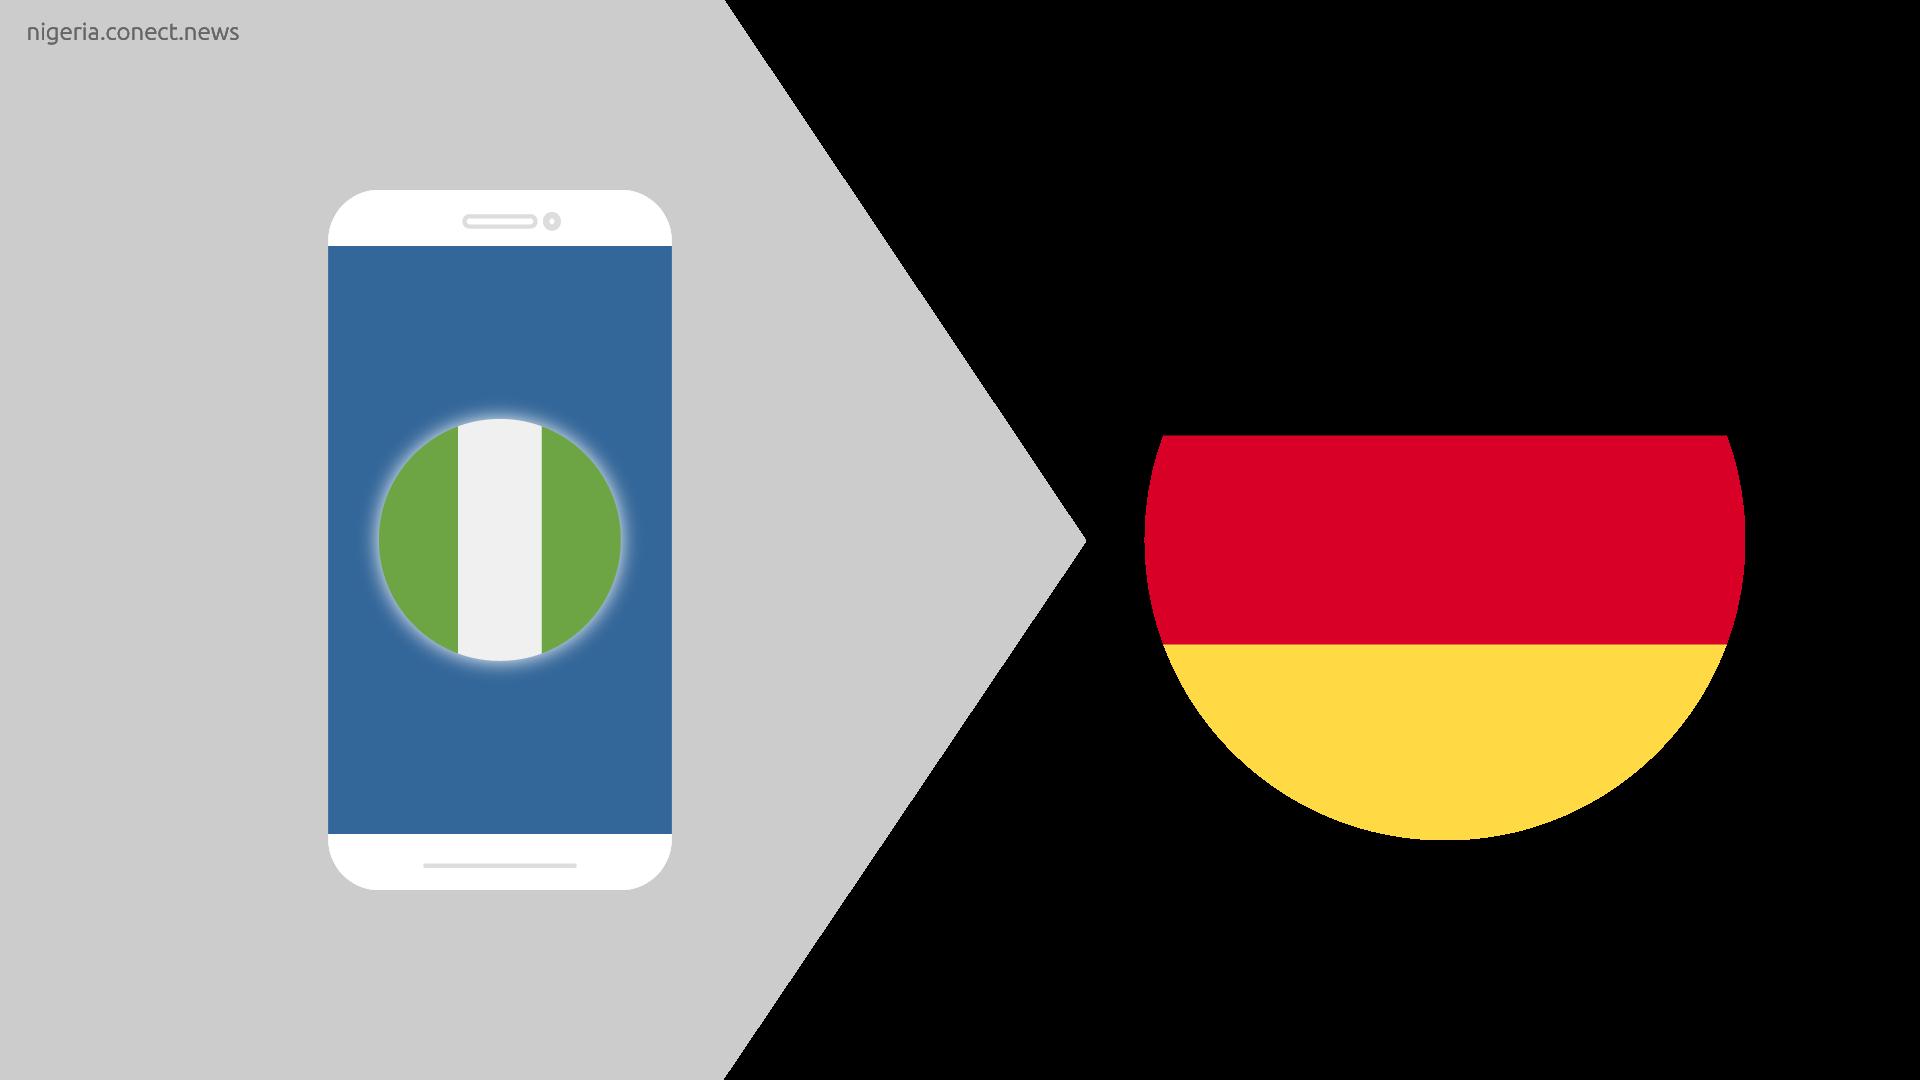 Nigeria-deutschland @conect_news